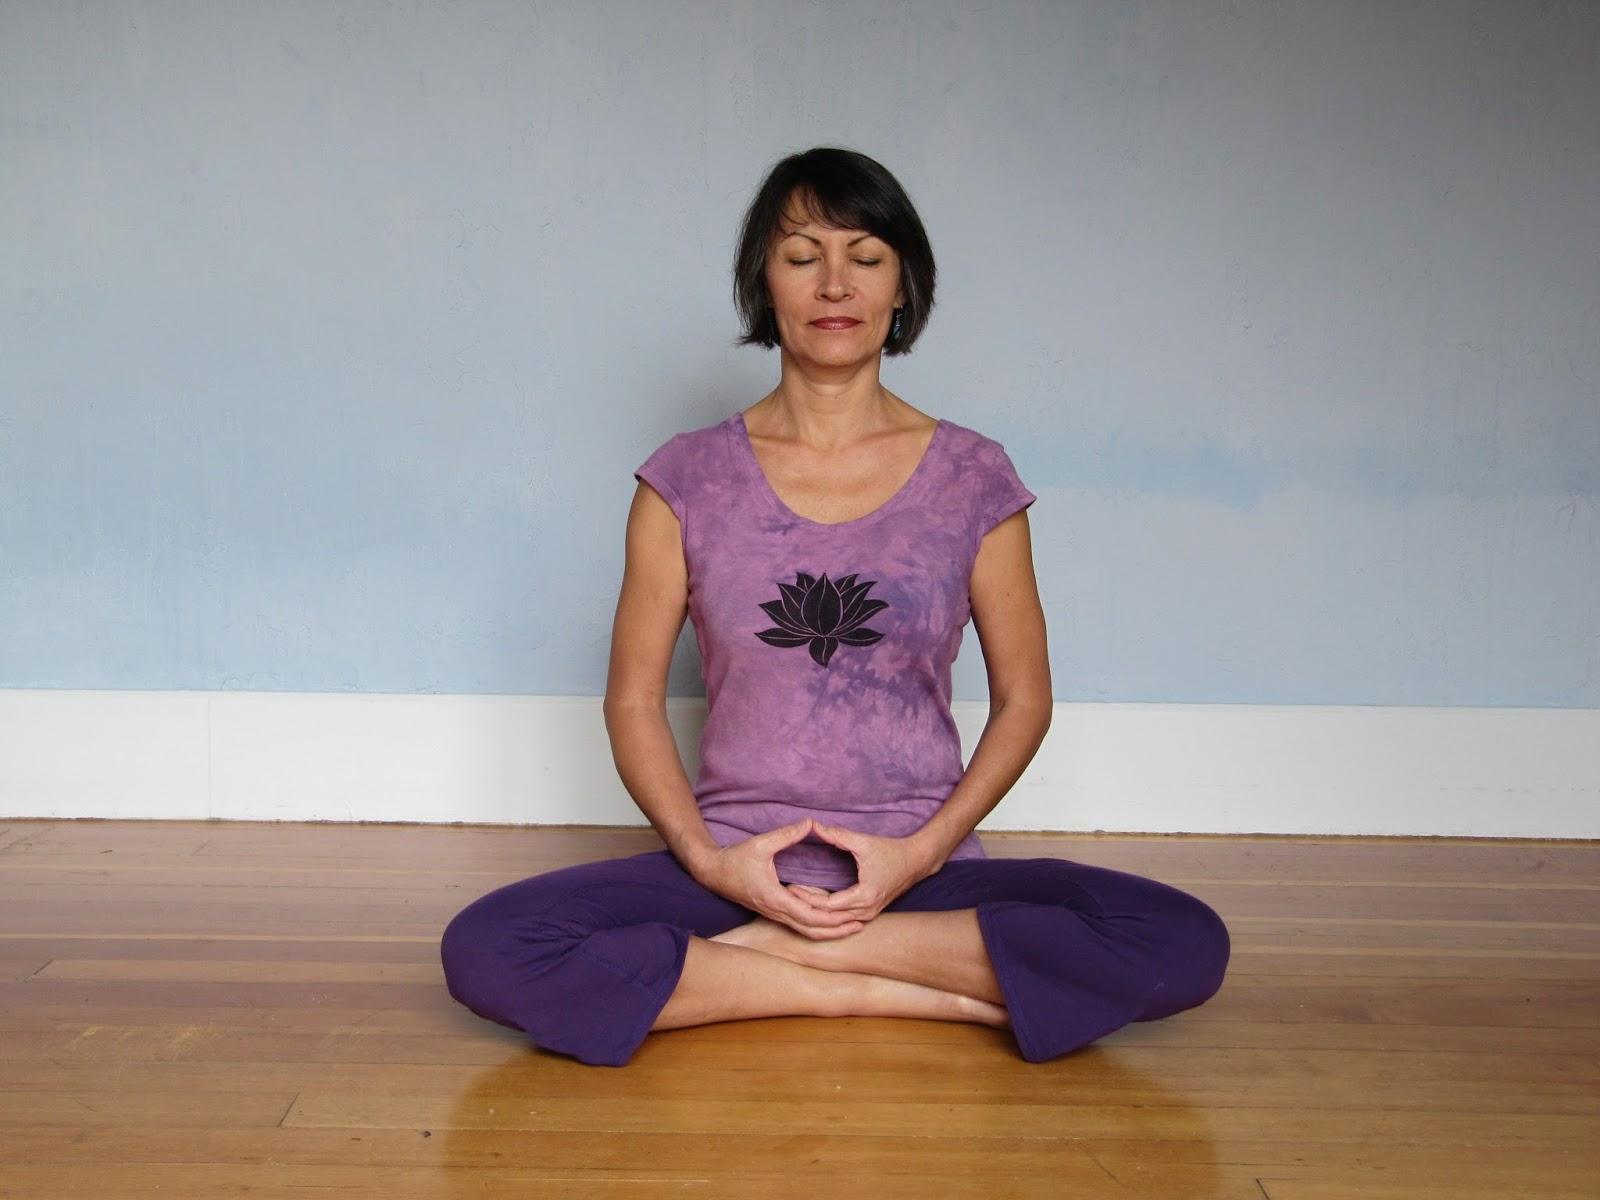 bikram yoga molestation